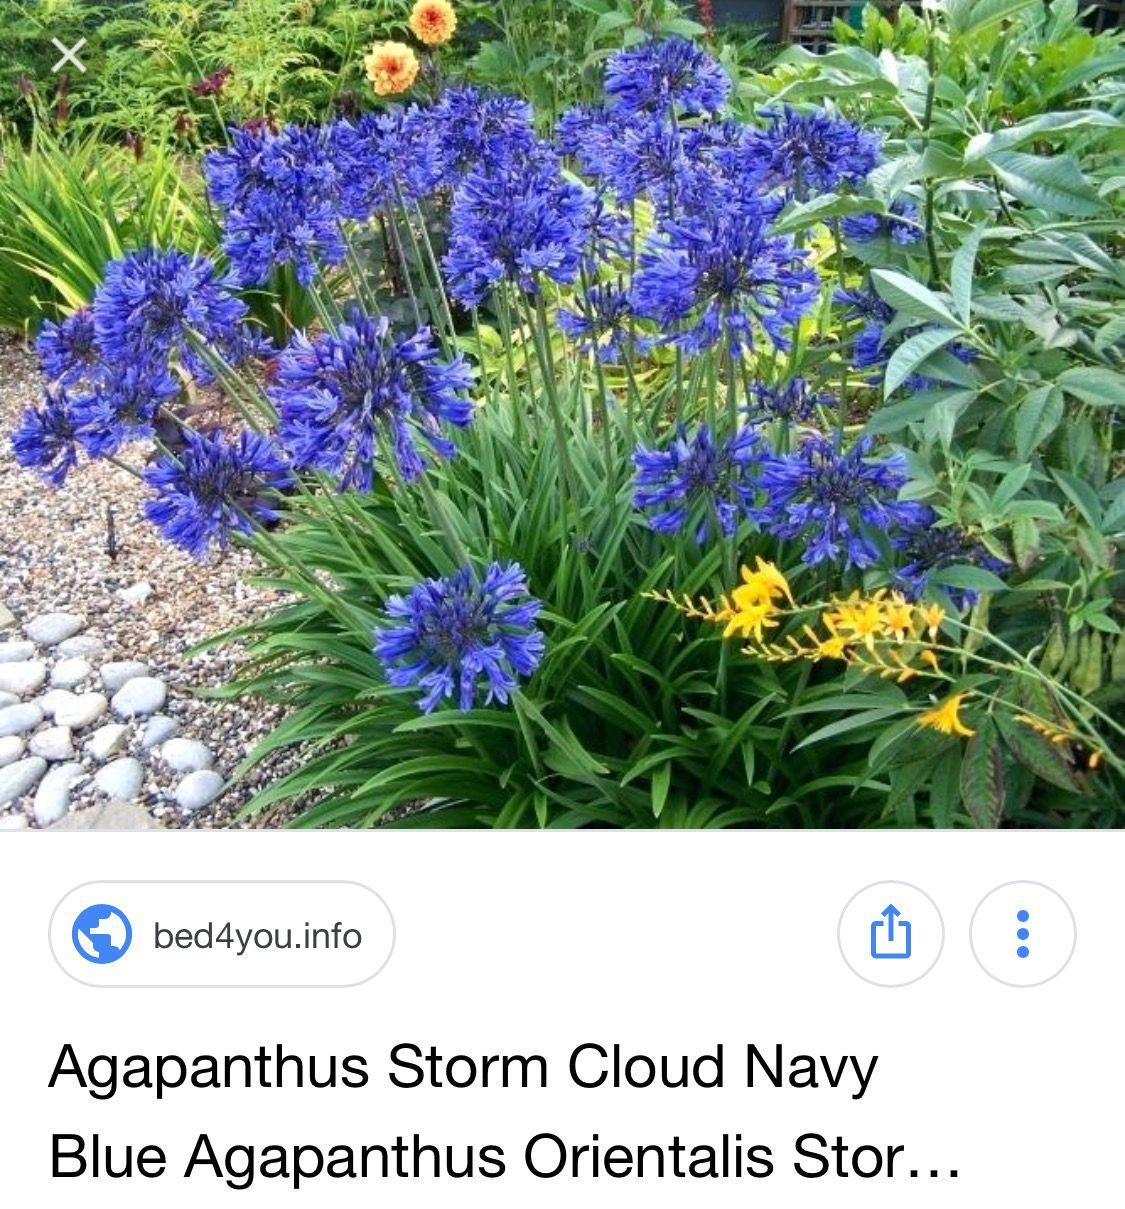 2 x2 bloom 3 5 agapanthus x storm cloud storm clouds agapanthus clouds storm cloud storm clouds agapanthus